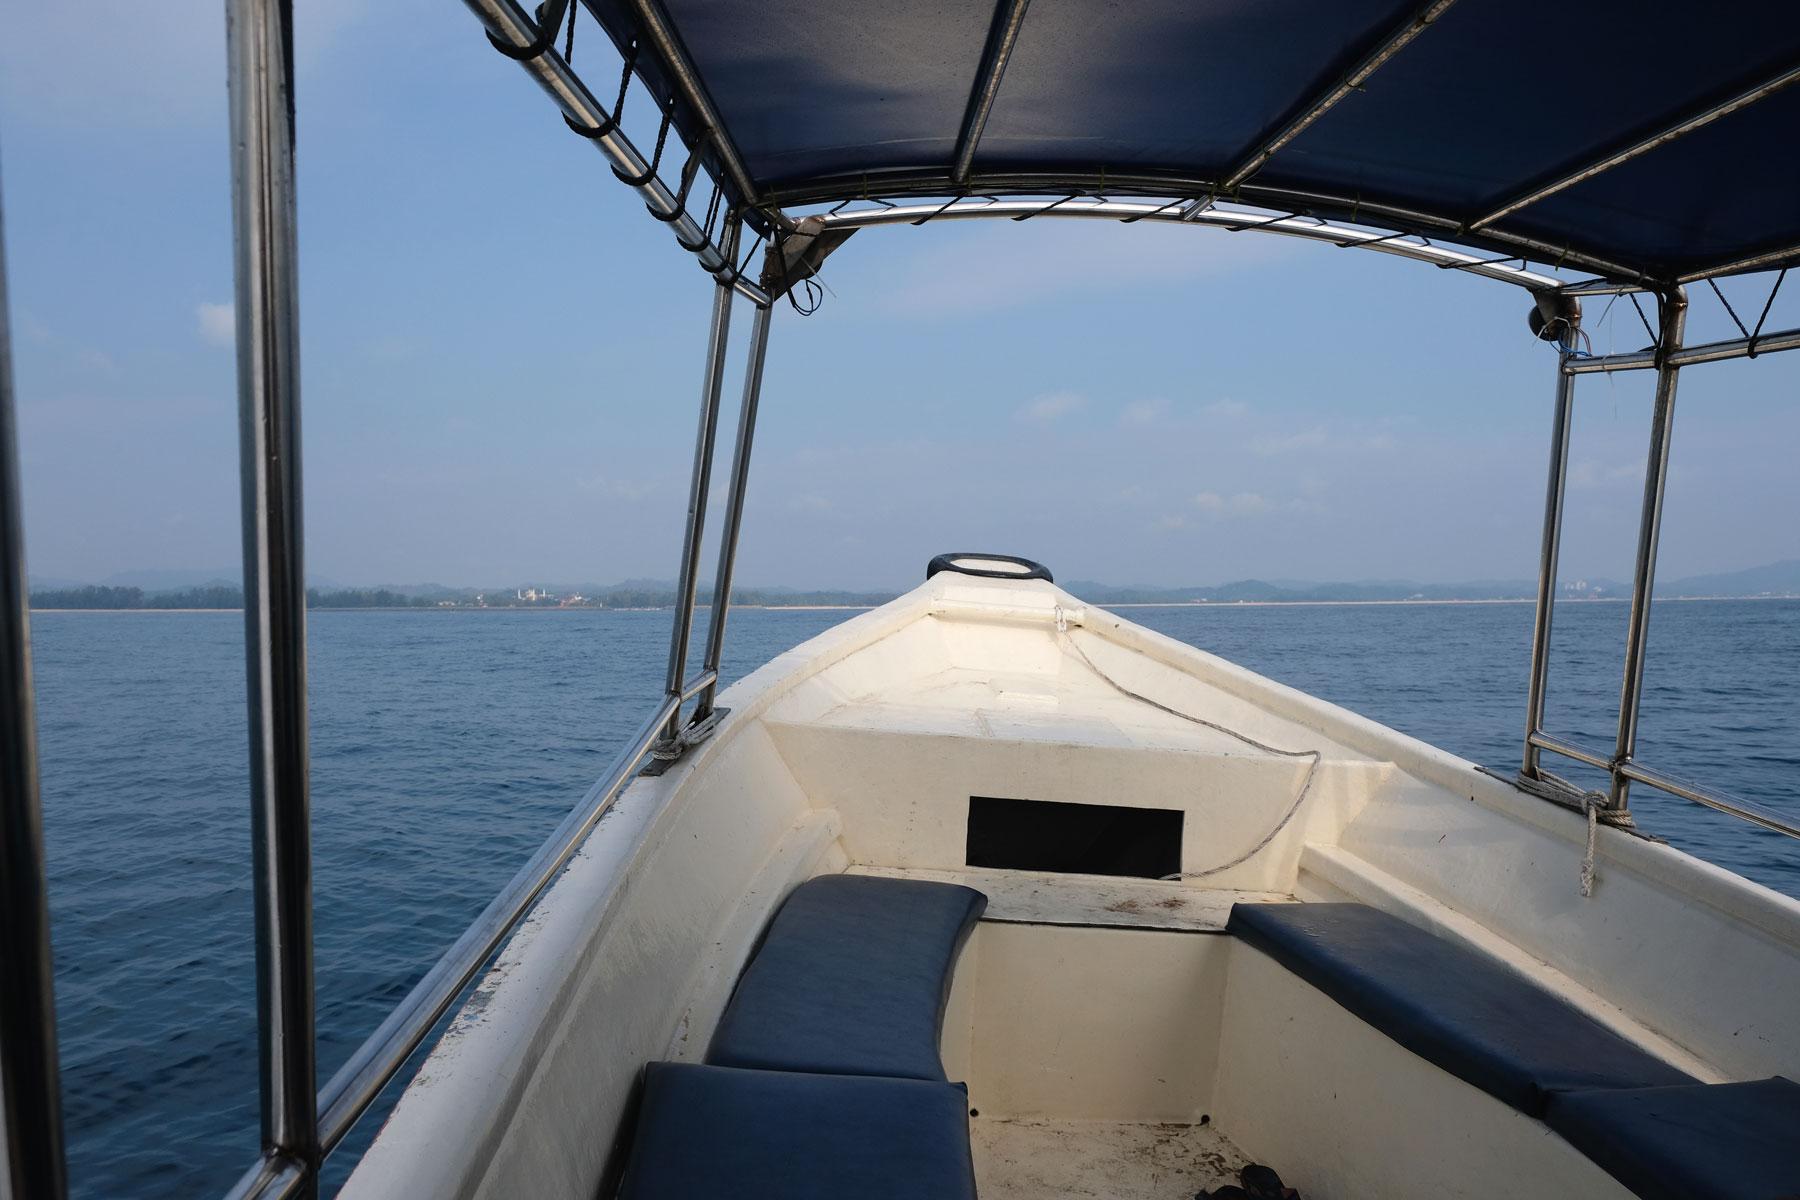 Vom Boot aus können wir bereits das Festland sehen